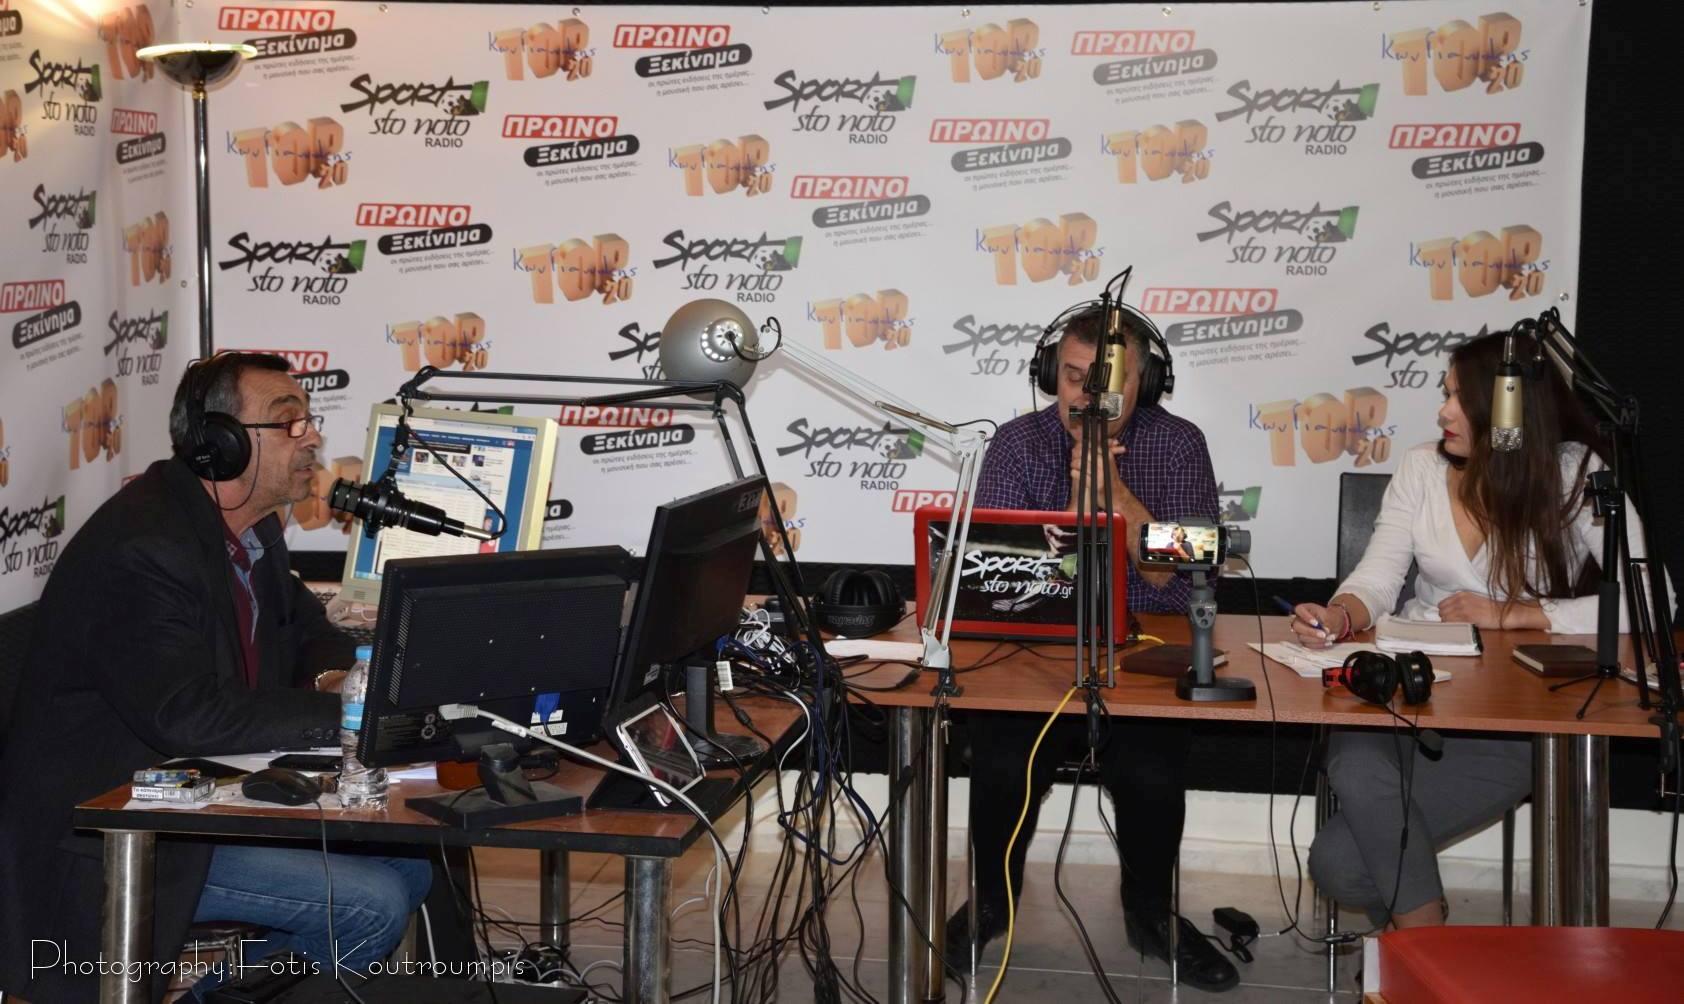 Ξεκινά ξανά το Sport Sto Noto Radio